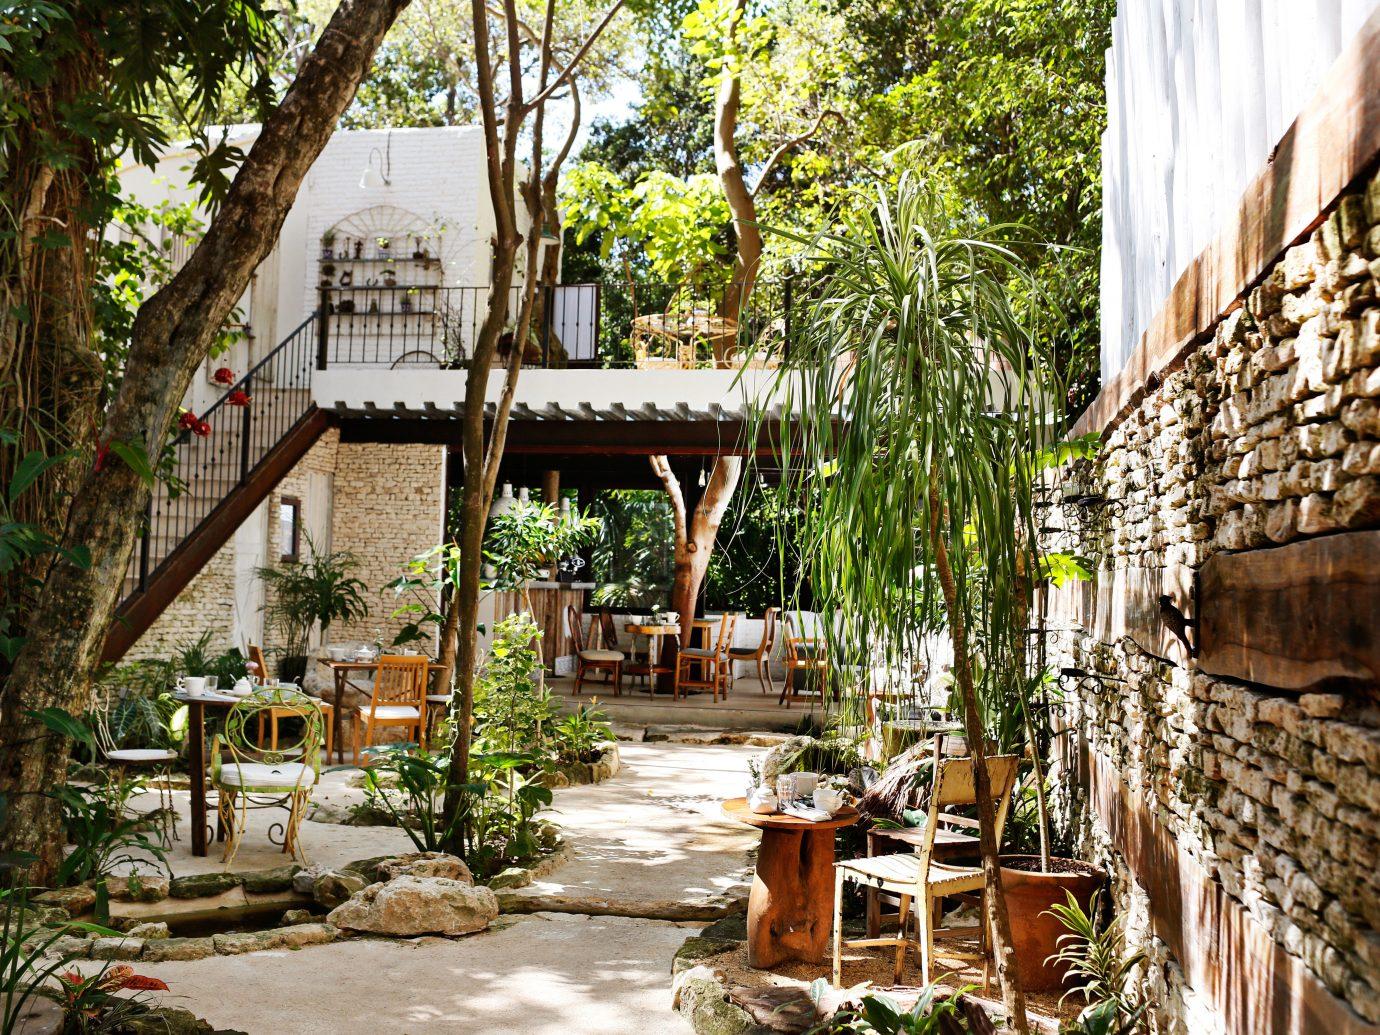 Exterior of Hotel La Semilla, Playa del Carmen, Mexico